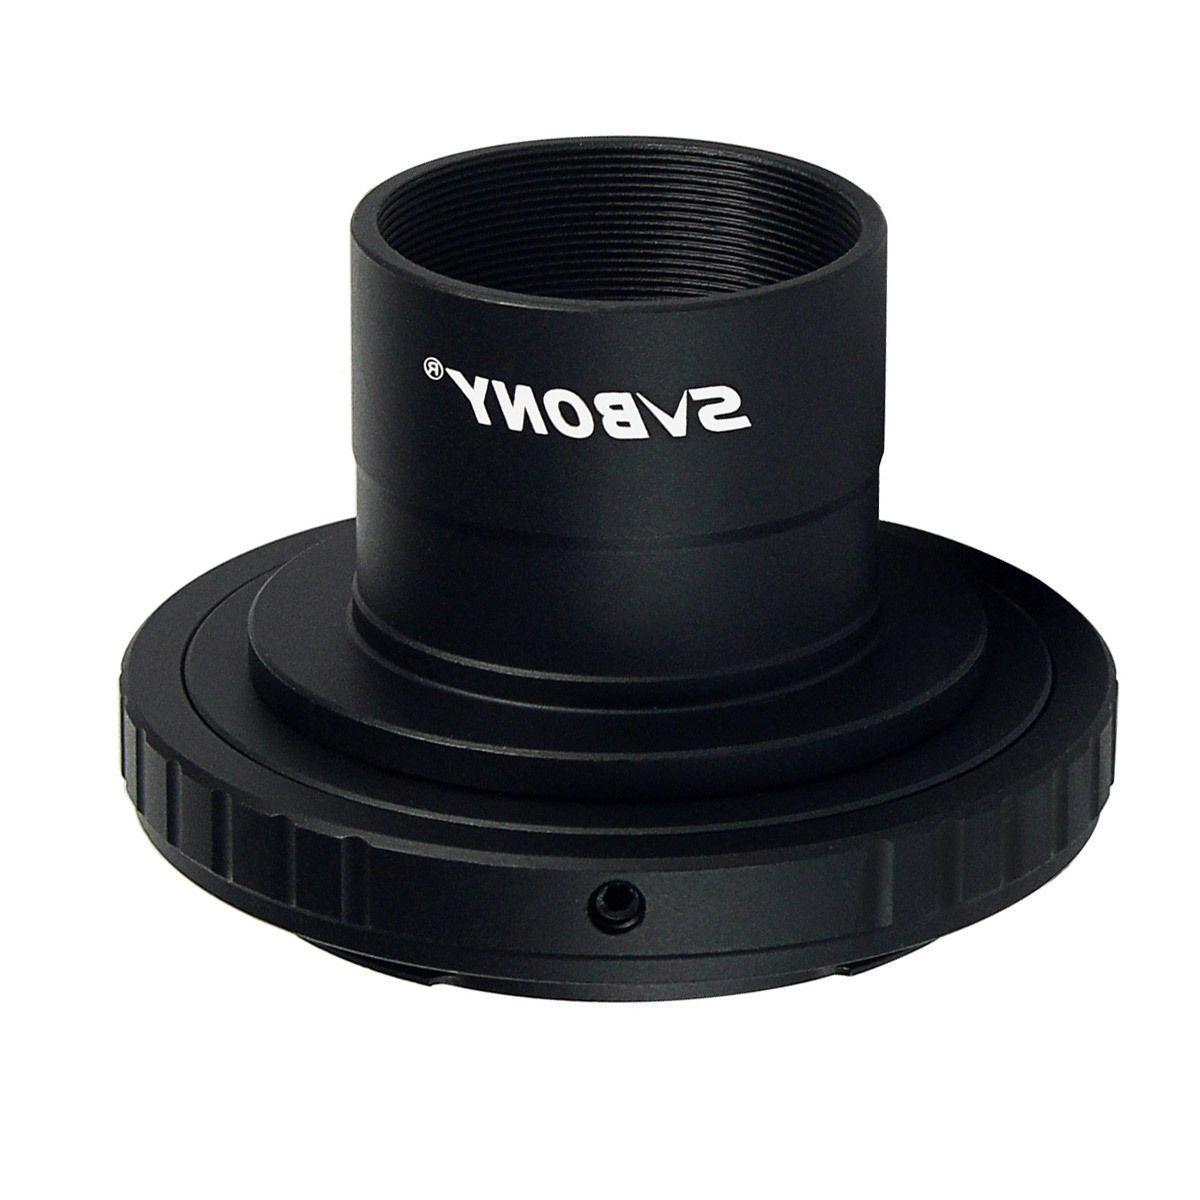 SVBONY Ring Nikon Cameras + Adapter US